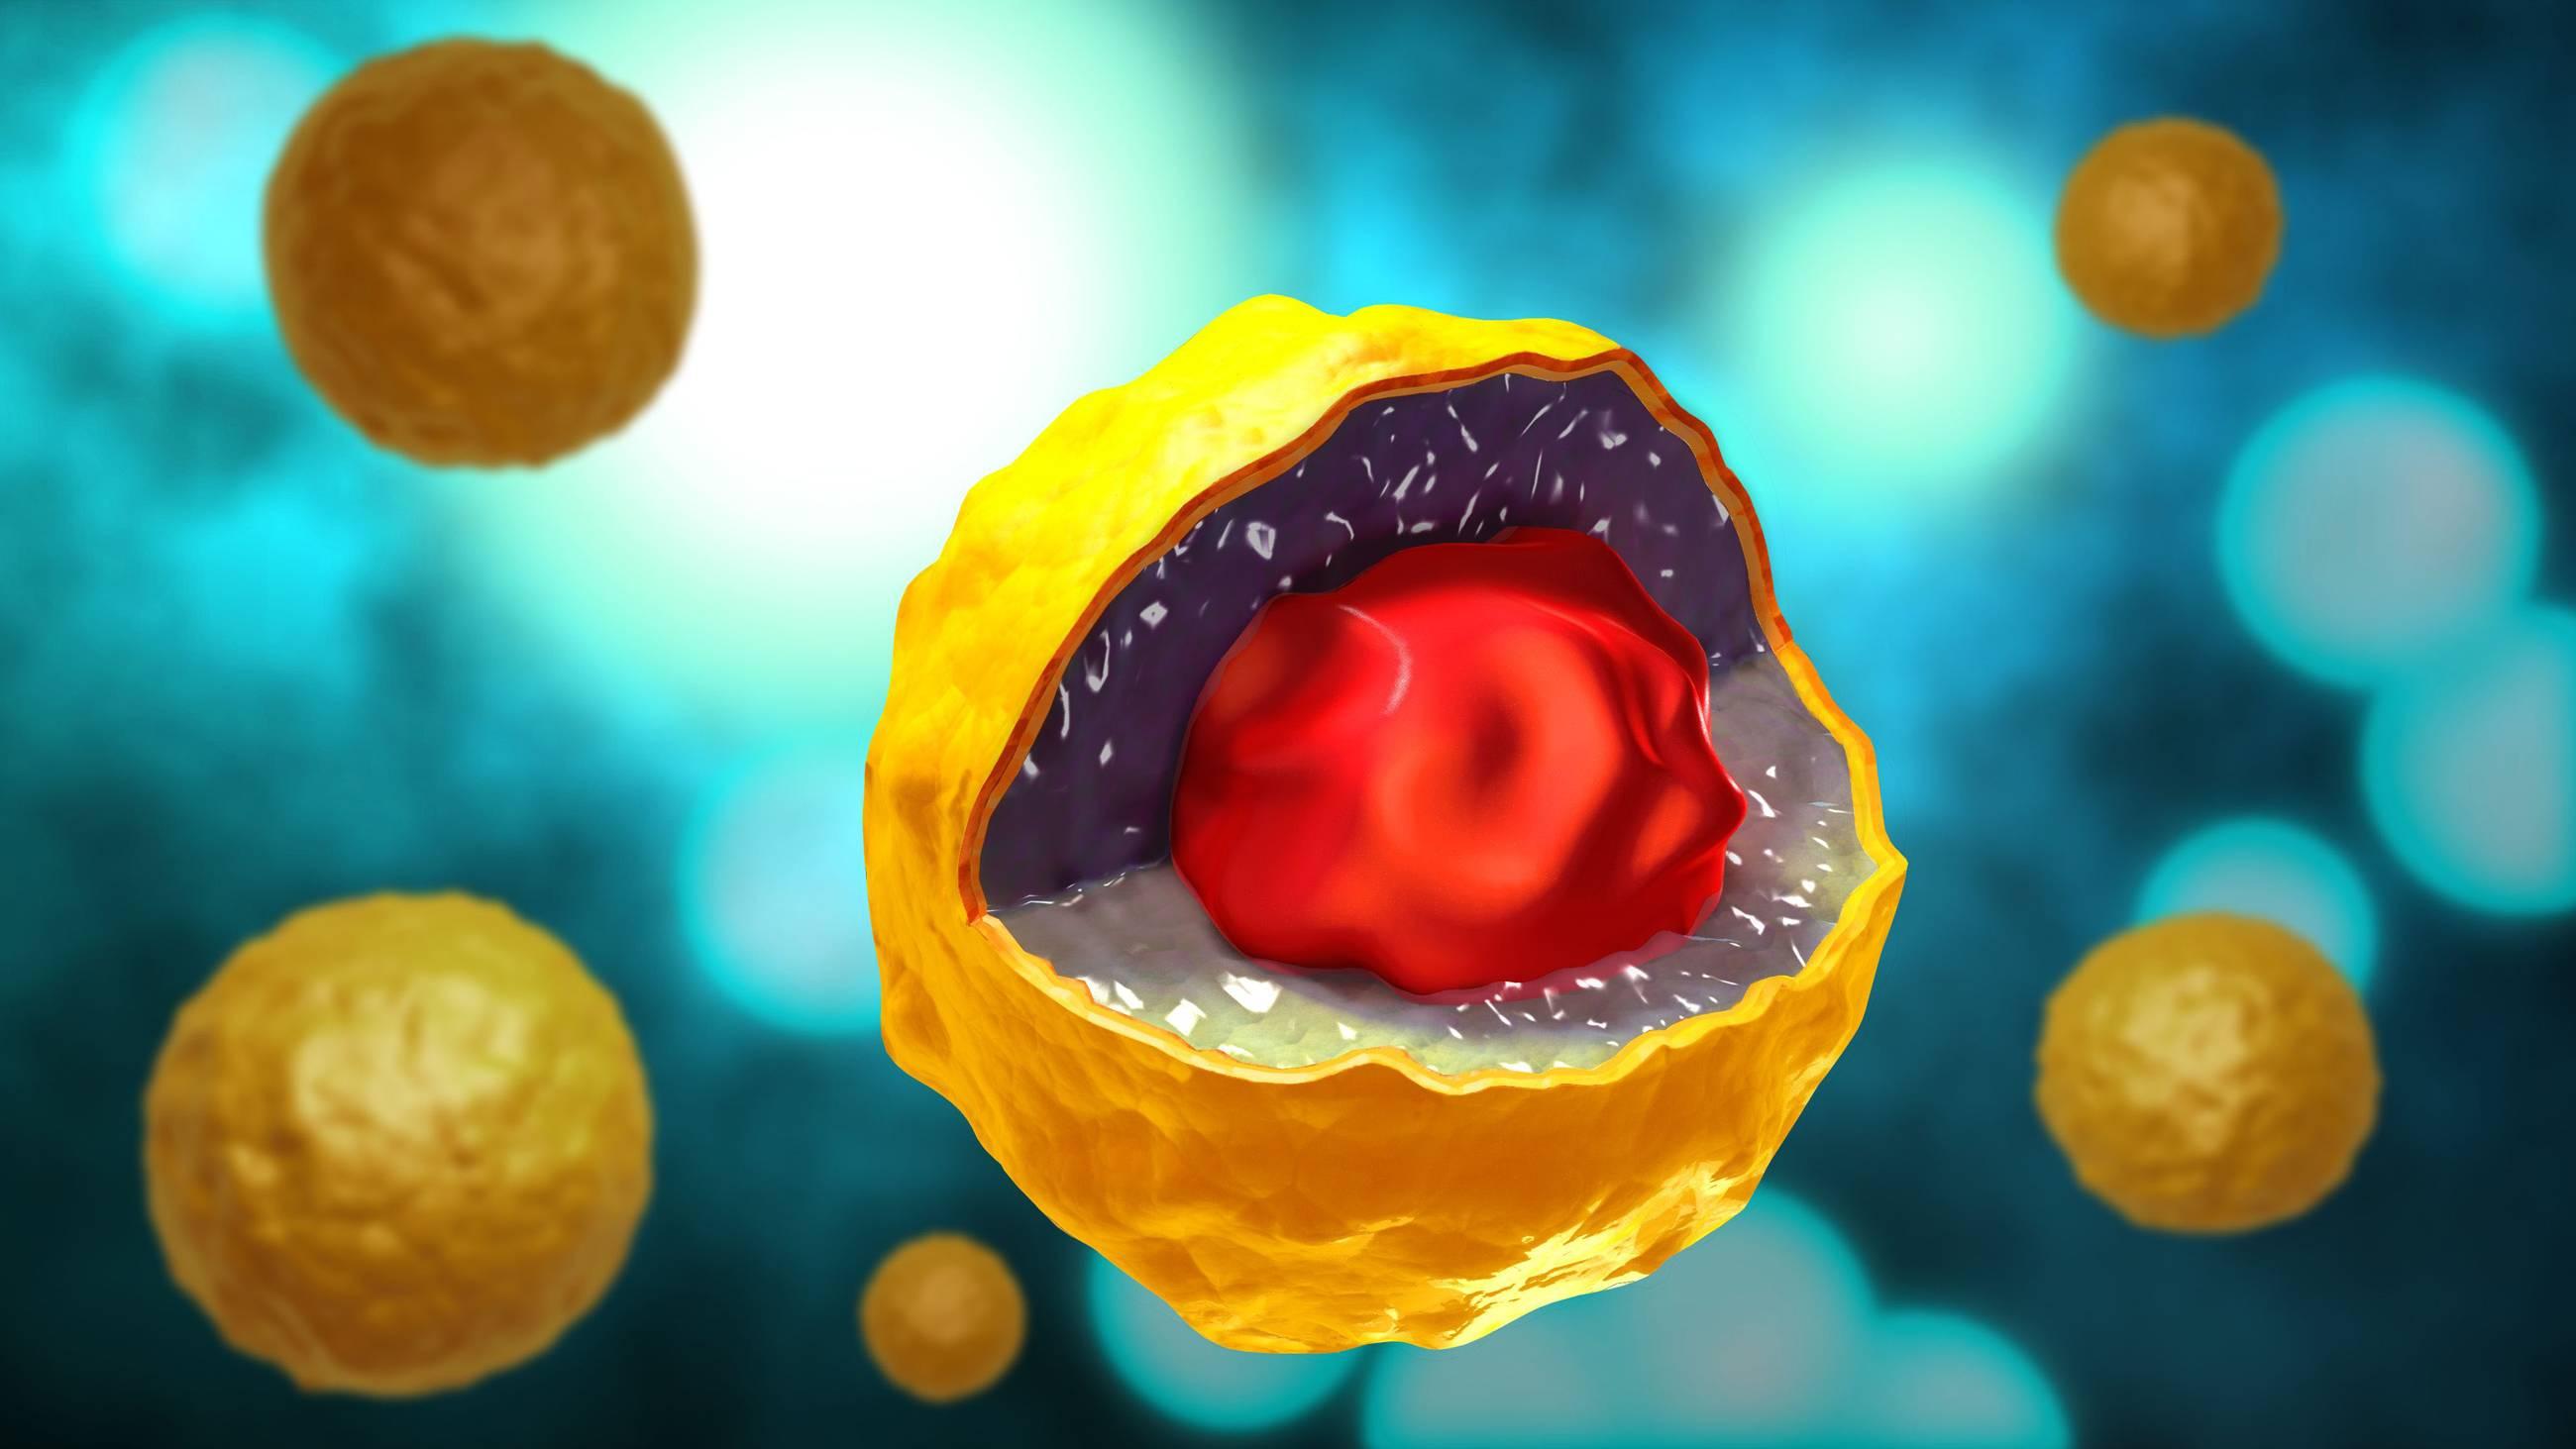 Хламидия трахоматис: признаки и диагностика у мужчин